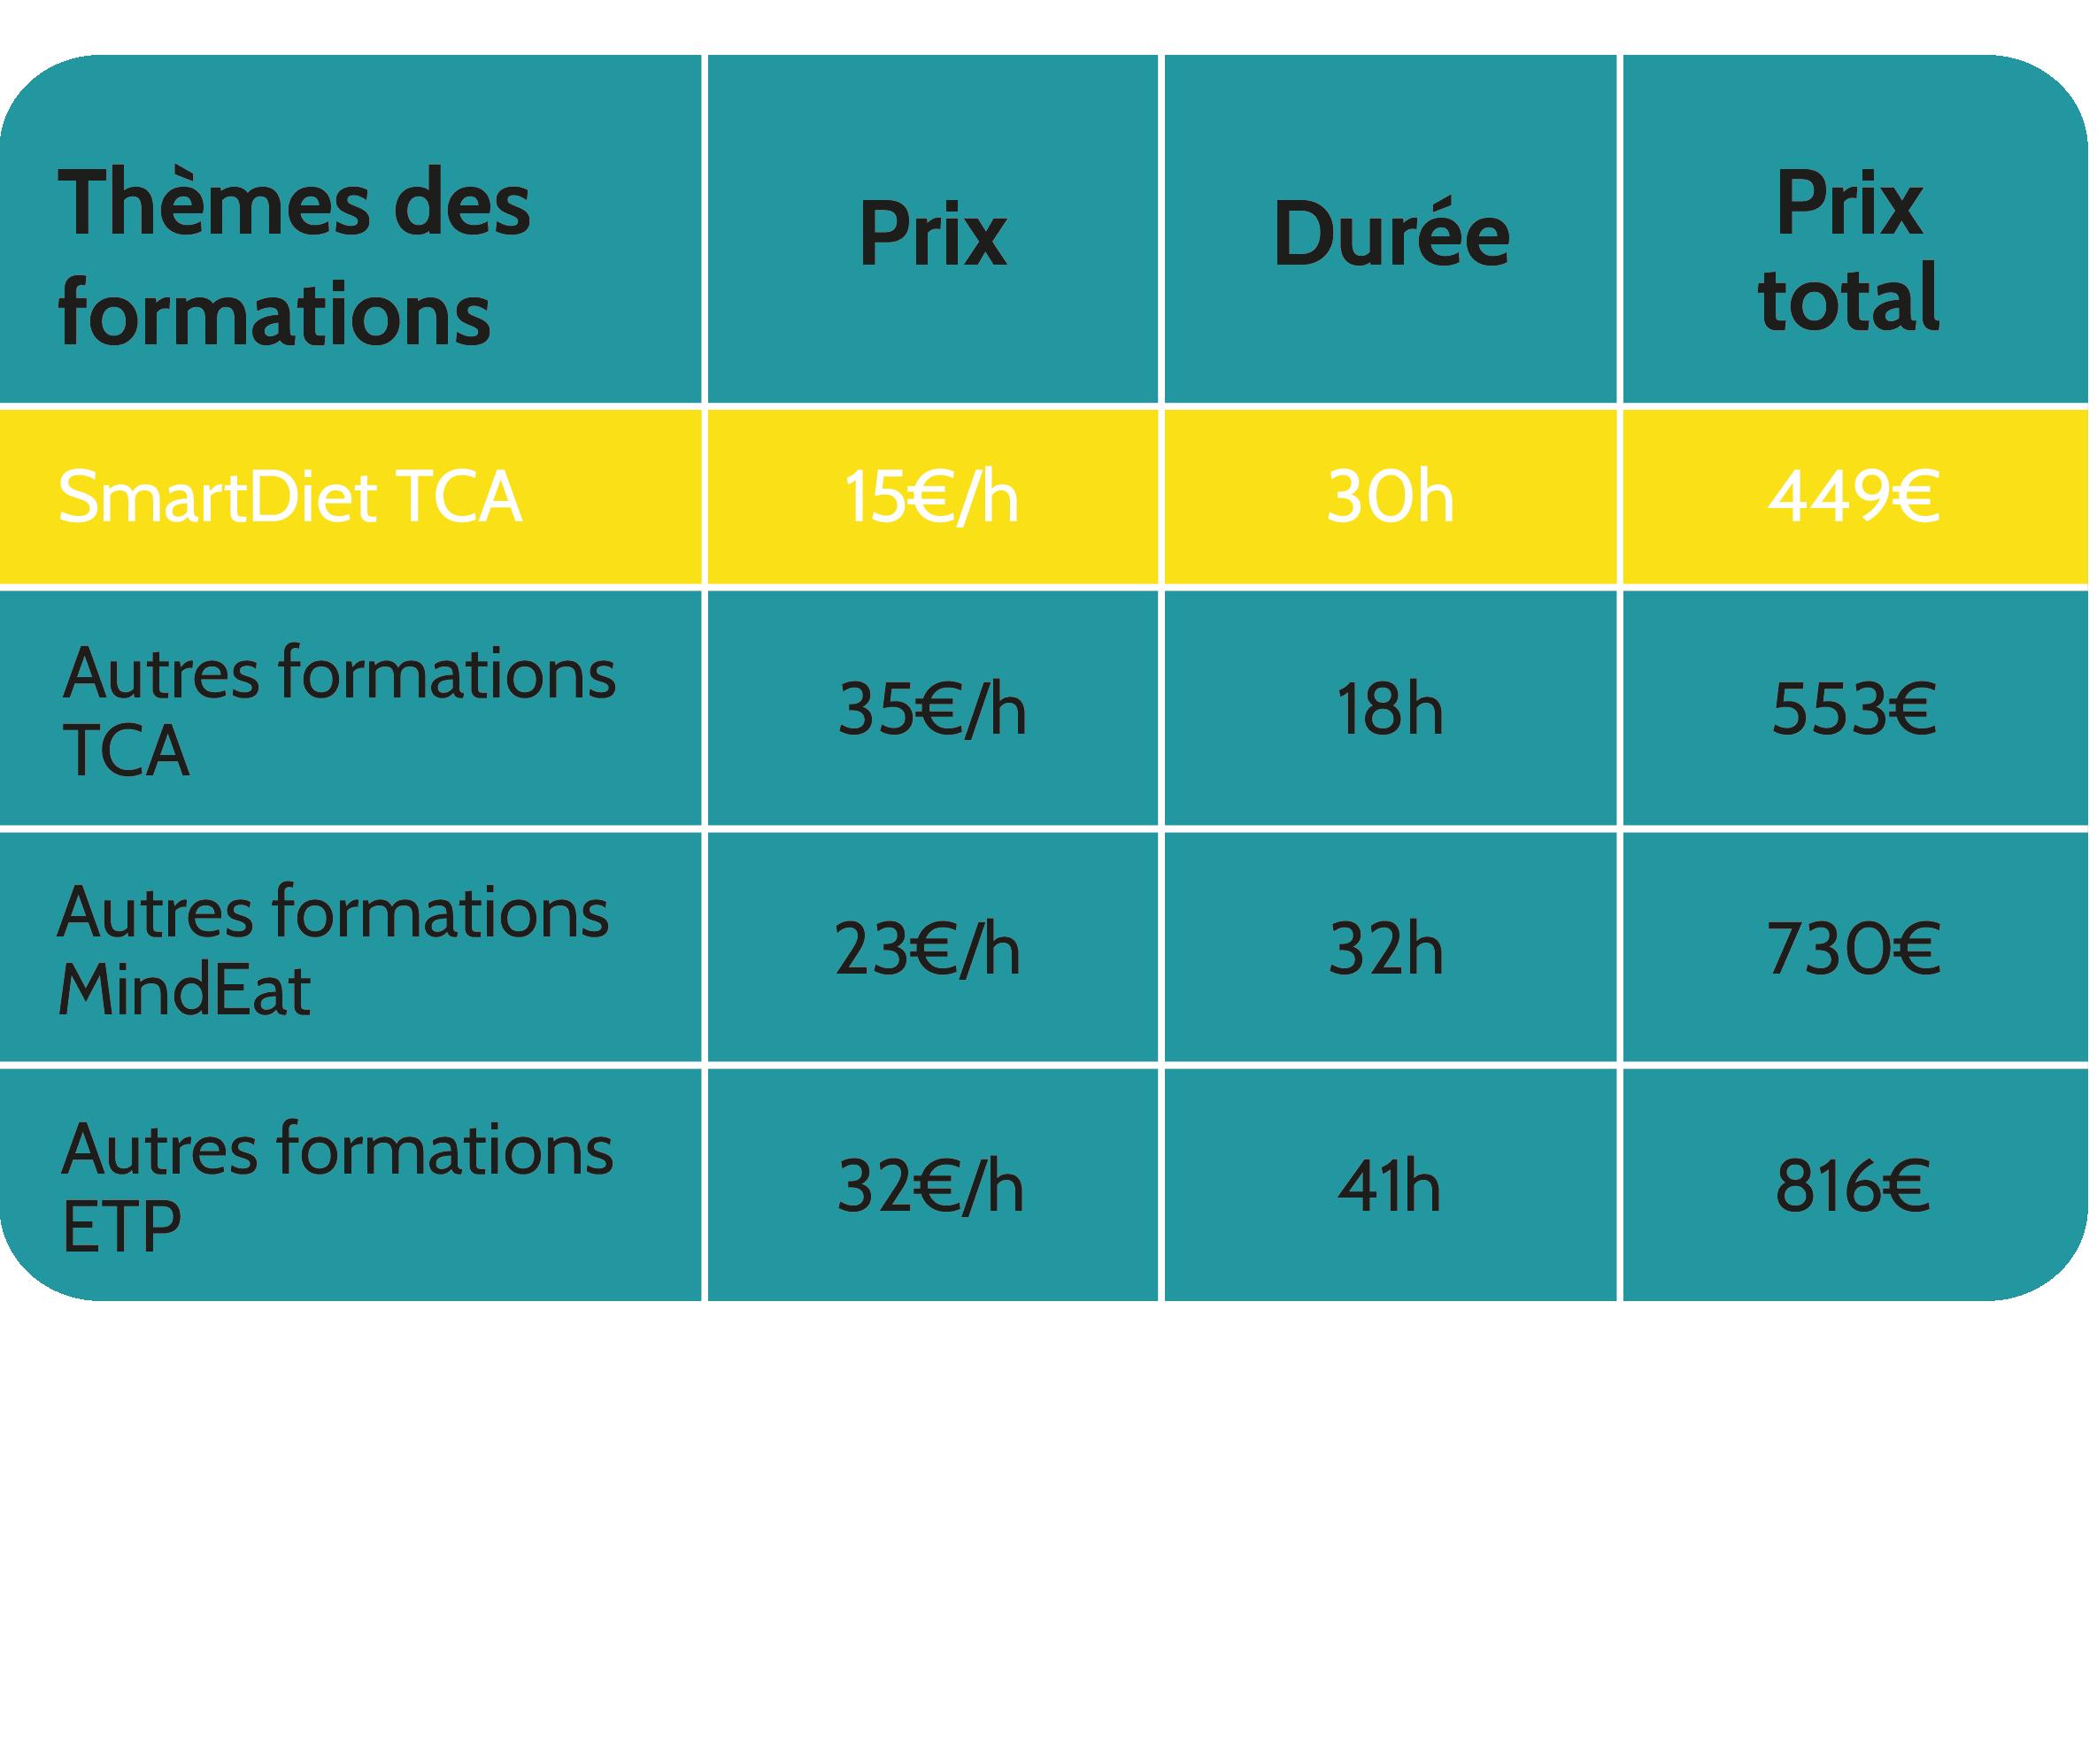 tableau comparatif des prix. SmartDiet Académie : 5e/h, les moins chers du marché